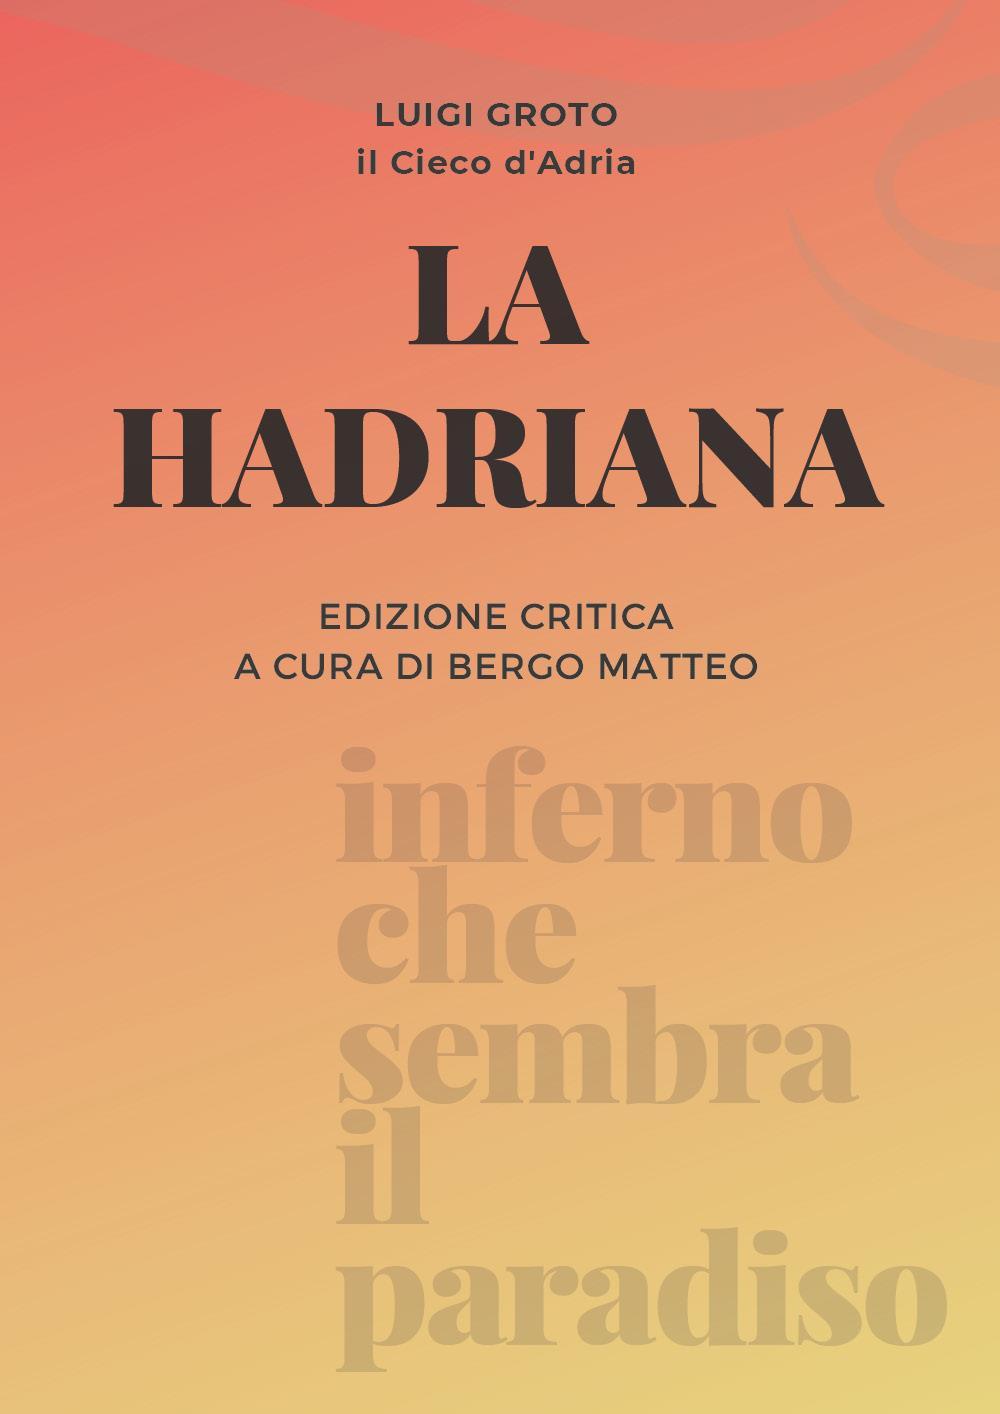 La Hadriana di Luigi Groto